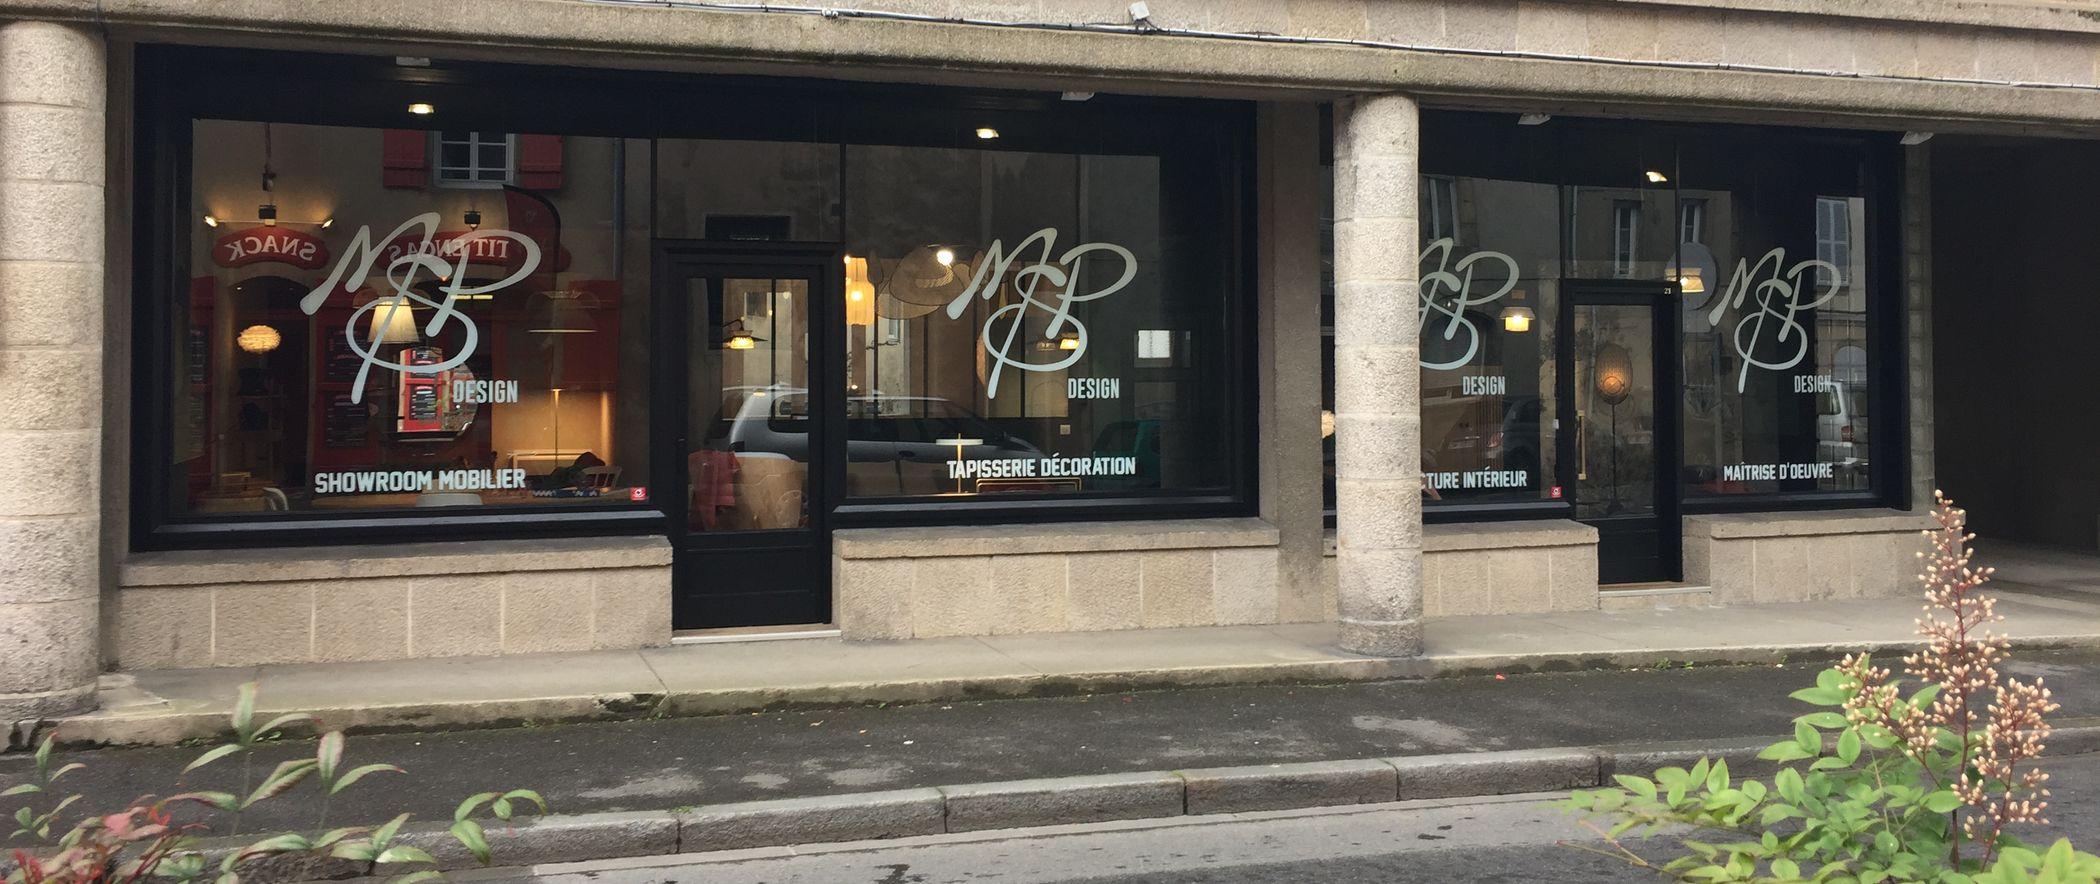 MSP Design Showroom Mobilier et Architecture Intérieur Saint-Malo